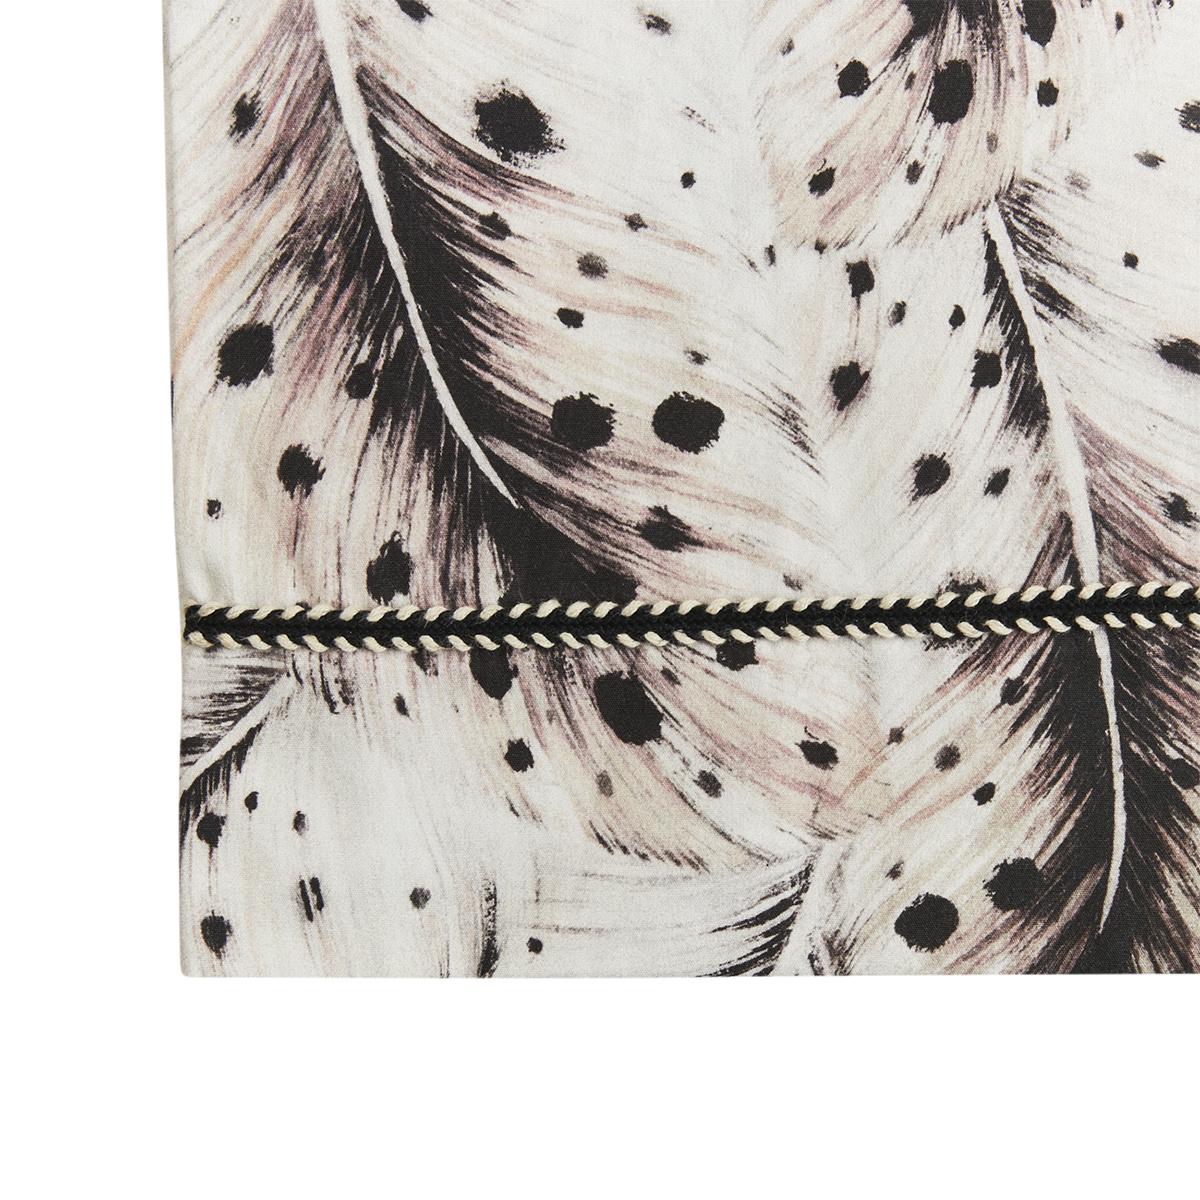 Mies & Co ledikant laken feathers-1